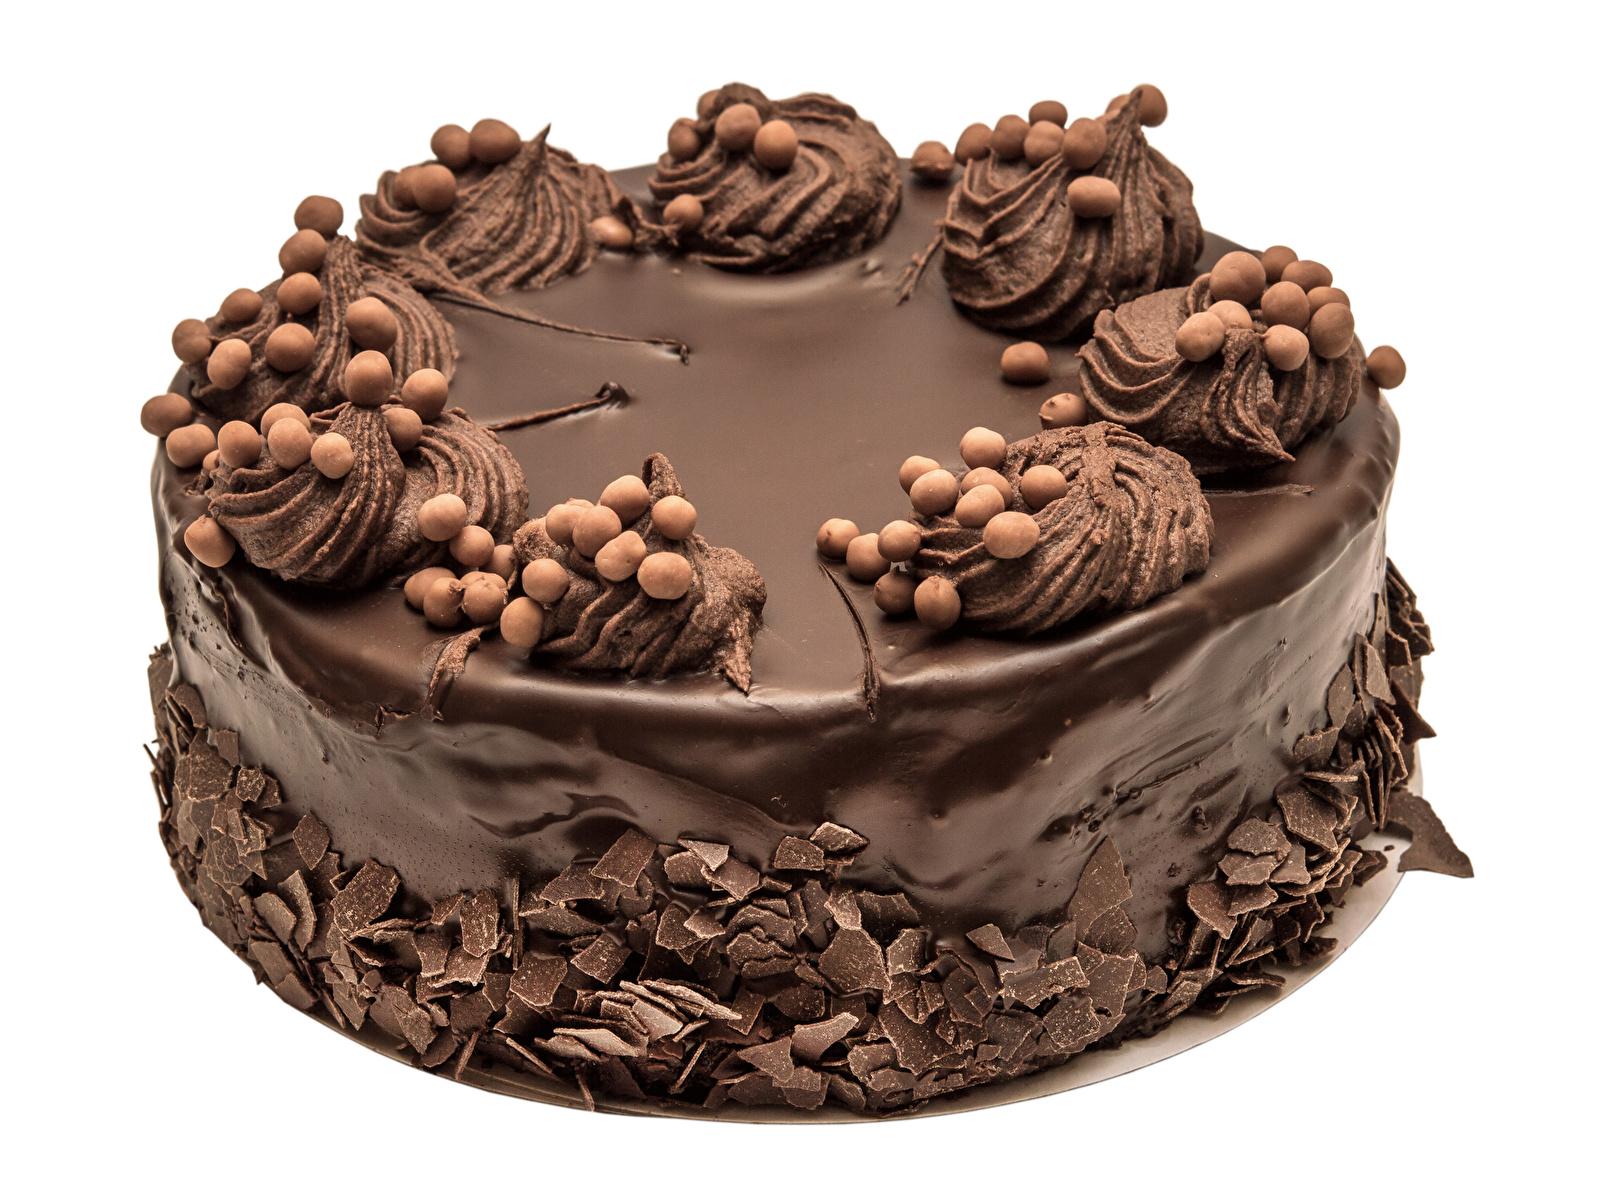 Обои для рабочего стола Шоколад Торты Продукты питания Белый фон сладкая еда Дизайн 1600x1200 Еда Пища Сладости белом фоне белым фоном дизайна